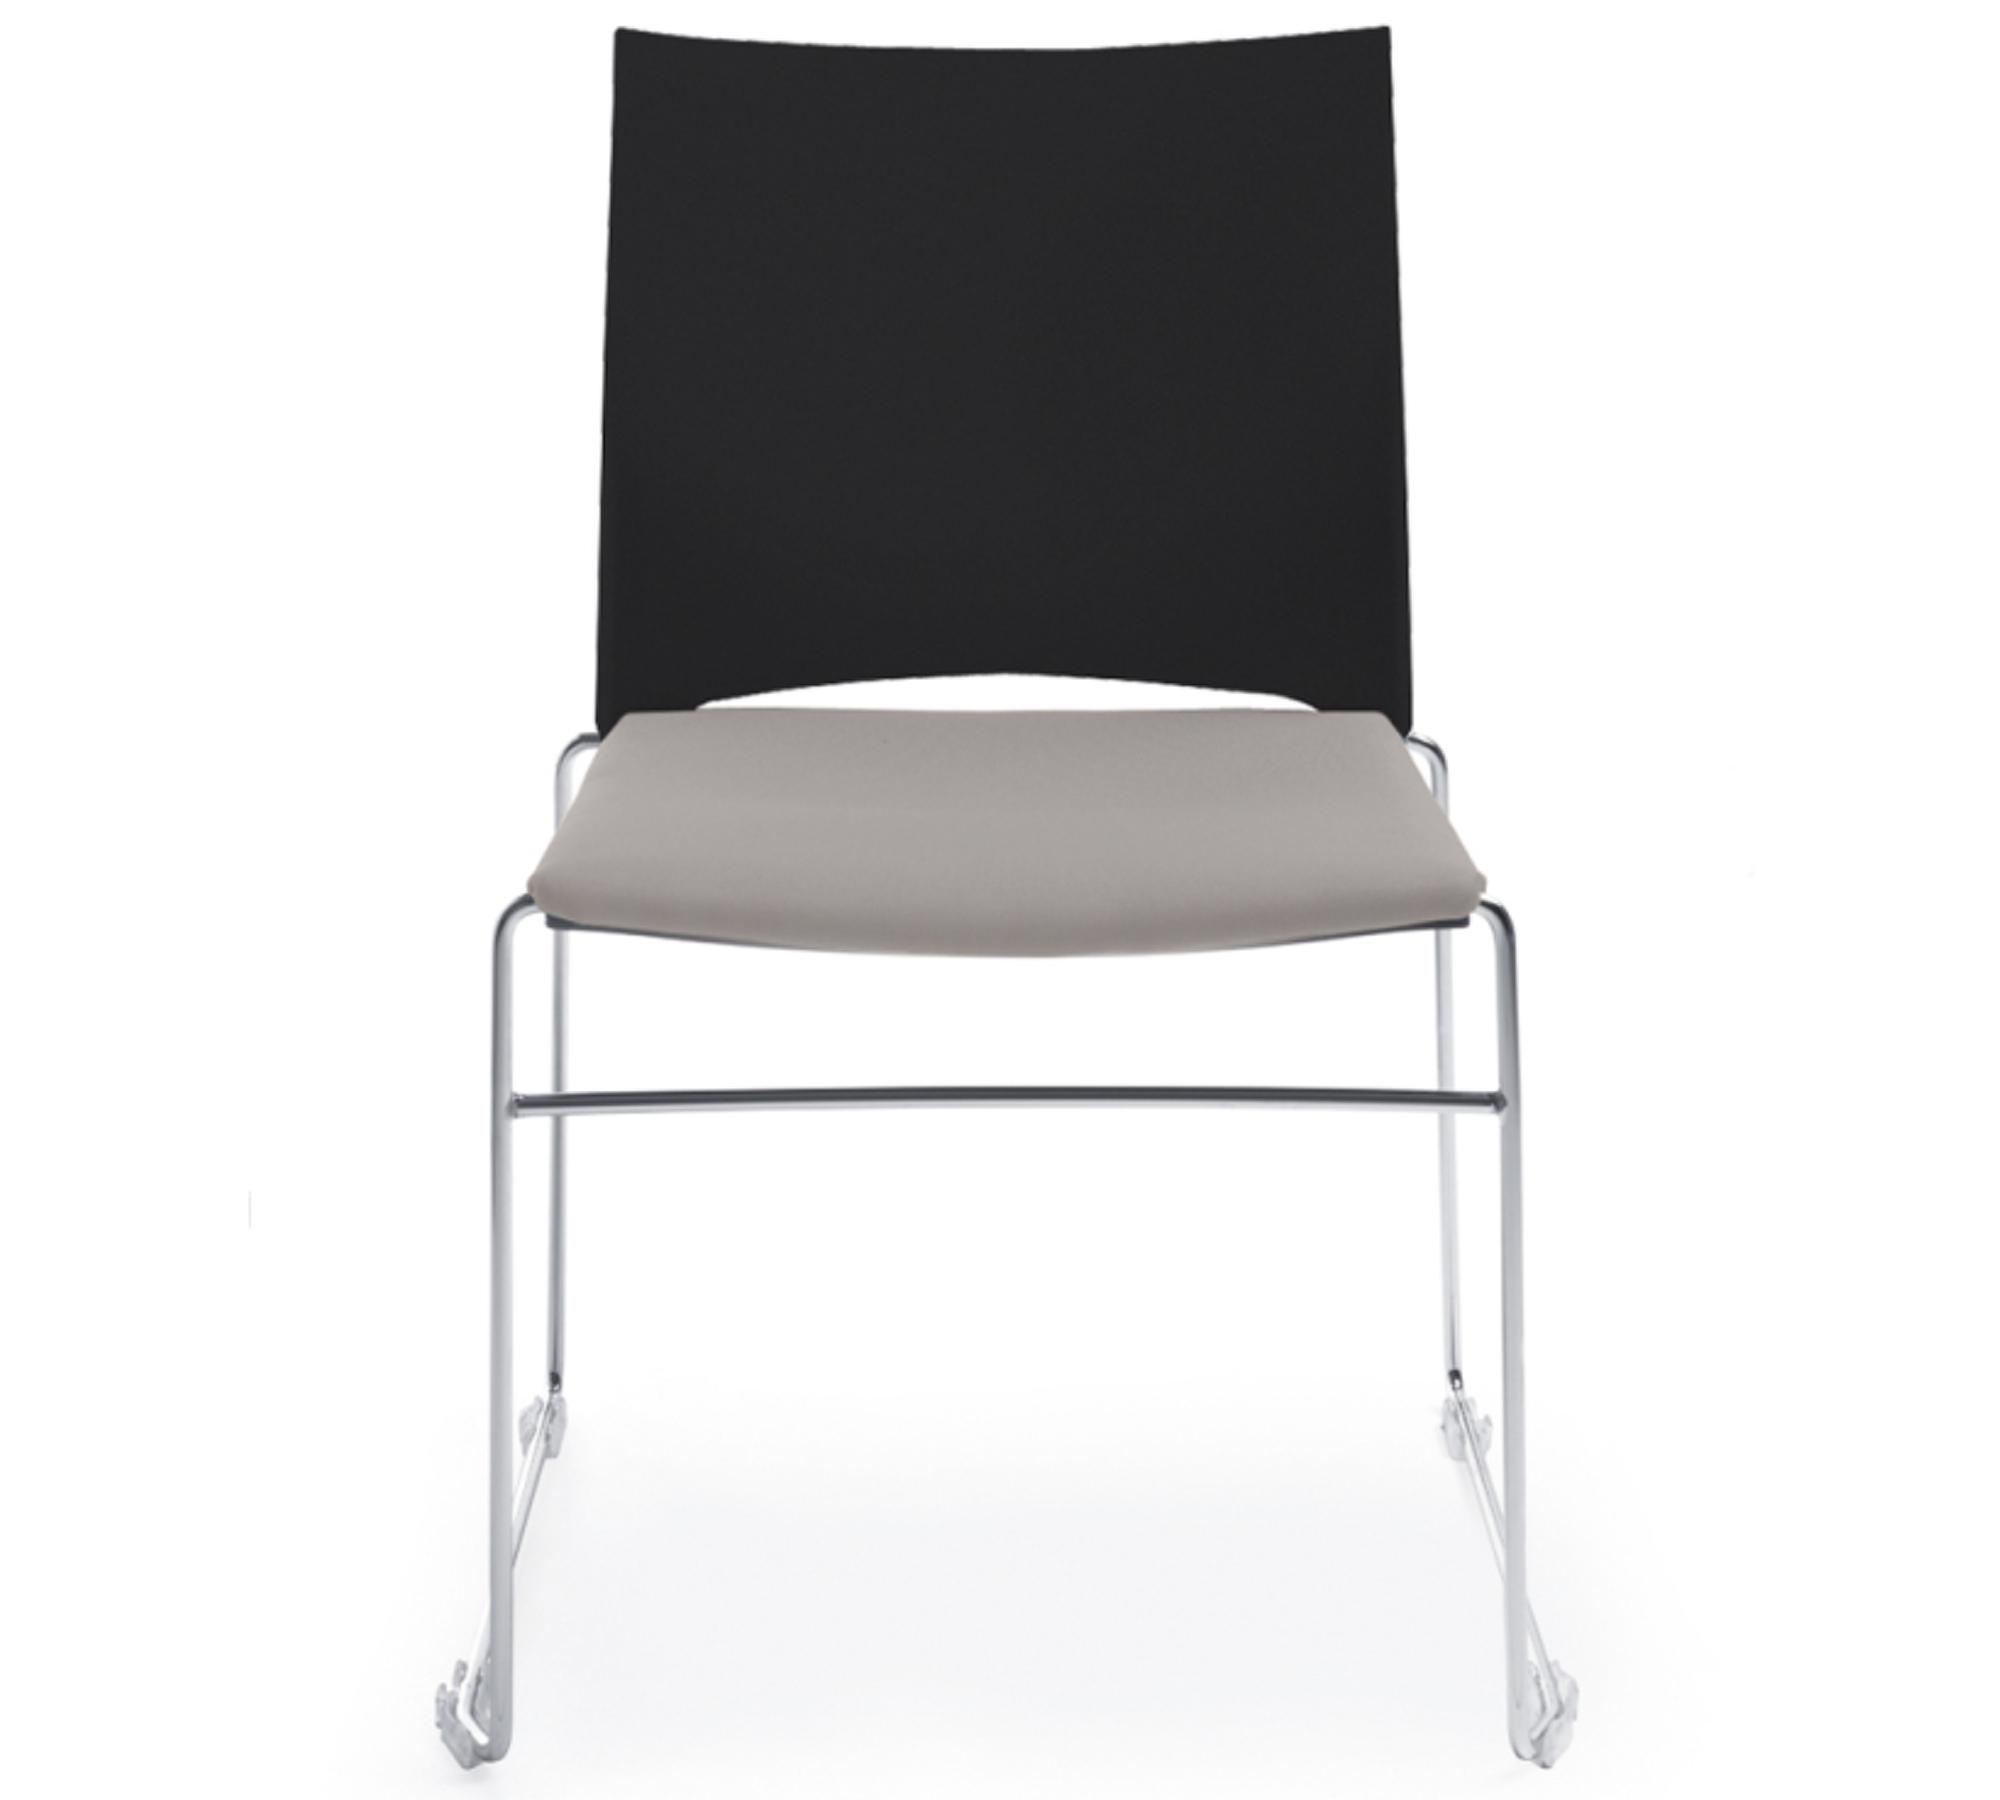 profim besucherstuhl ariz 560v besucherst hle meeting. Black Bedroom Furniture Sets. Home Design Ideas